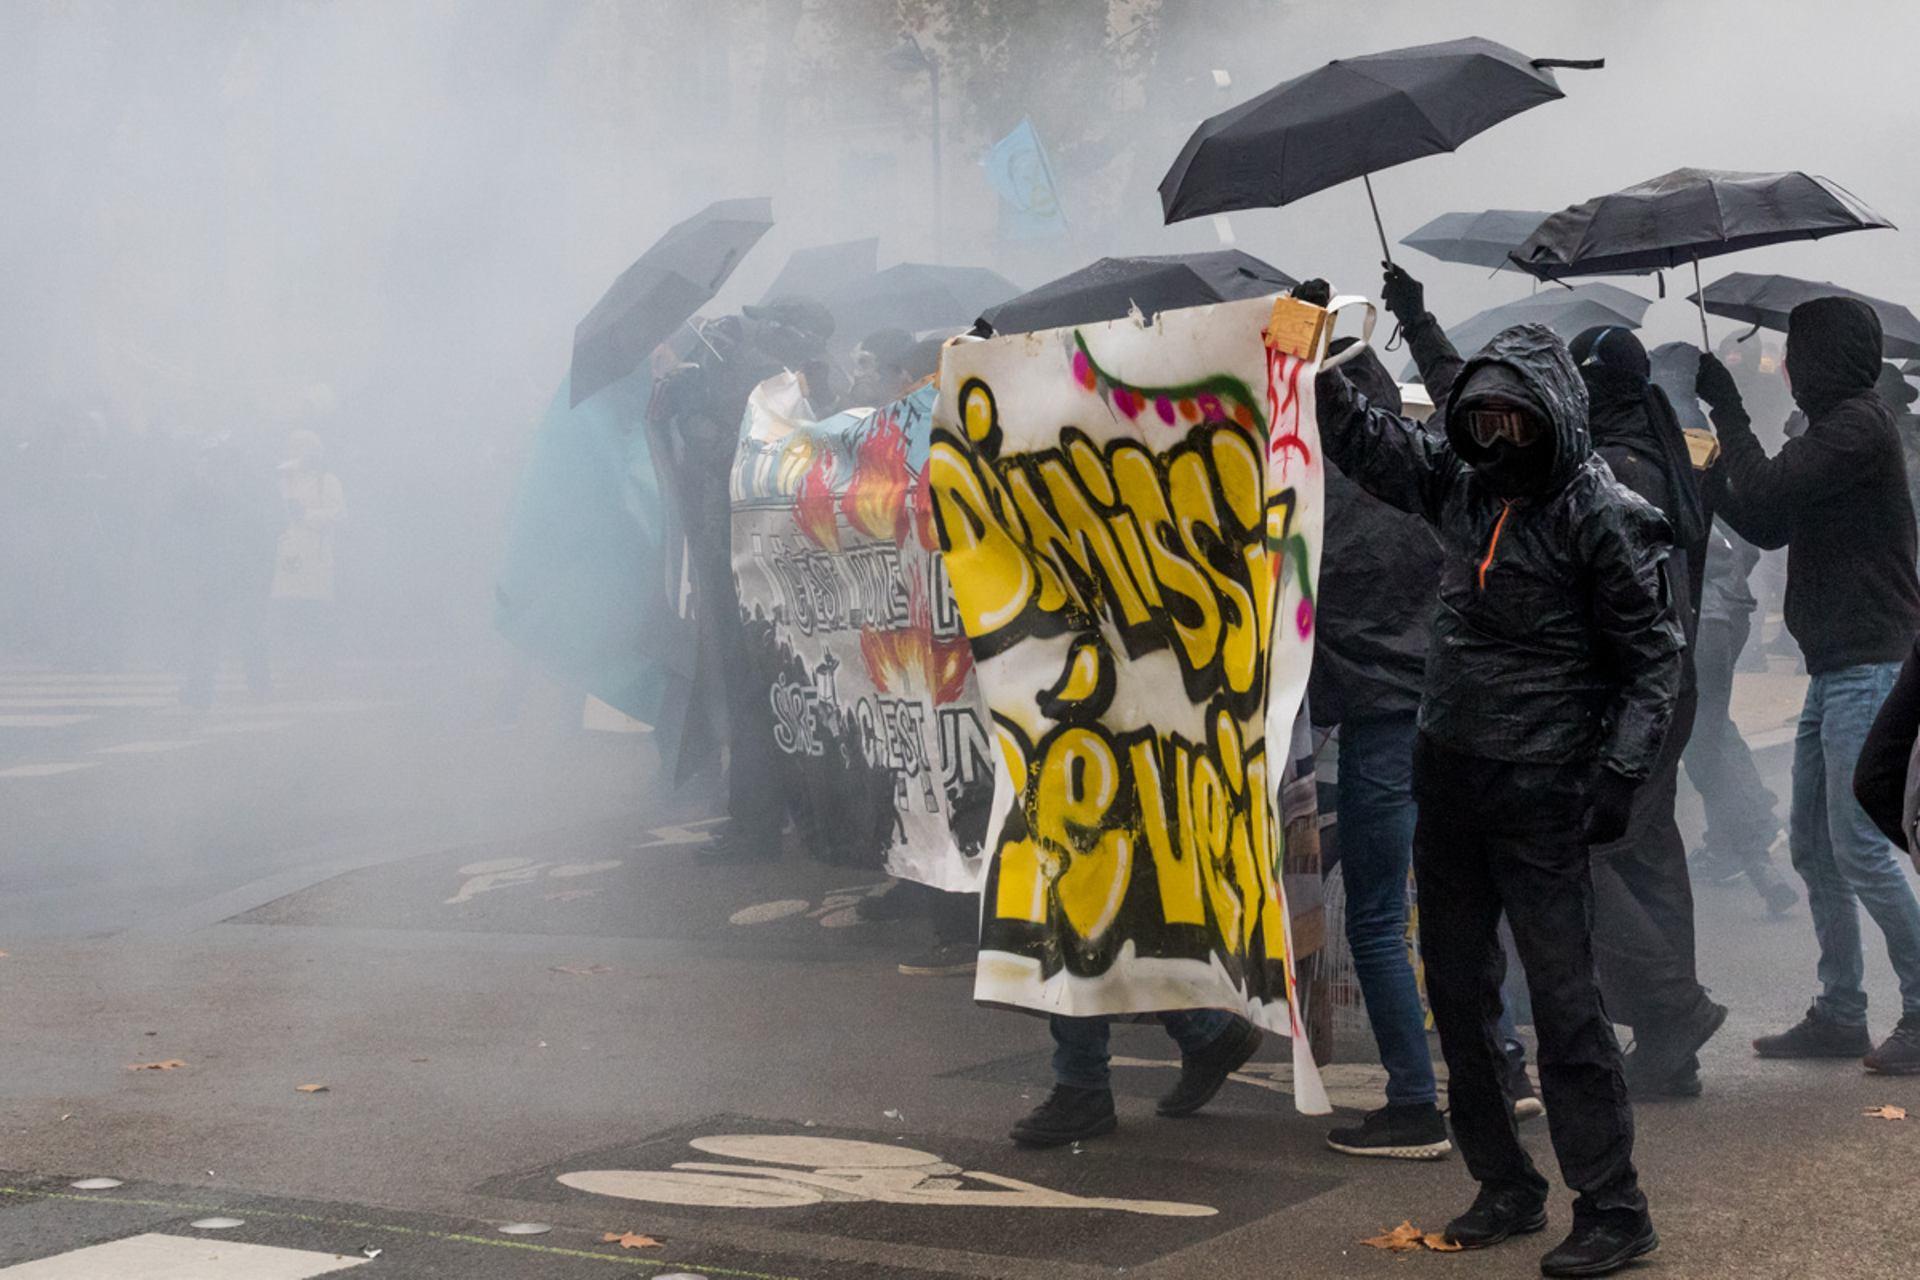 Cortege de black bloc durant la manifestation du 5 decembre, à Nantes